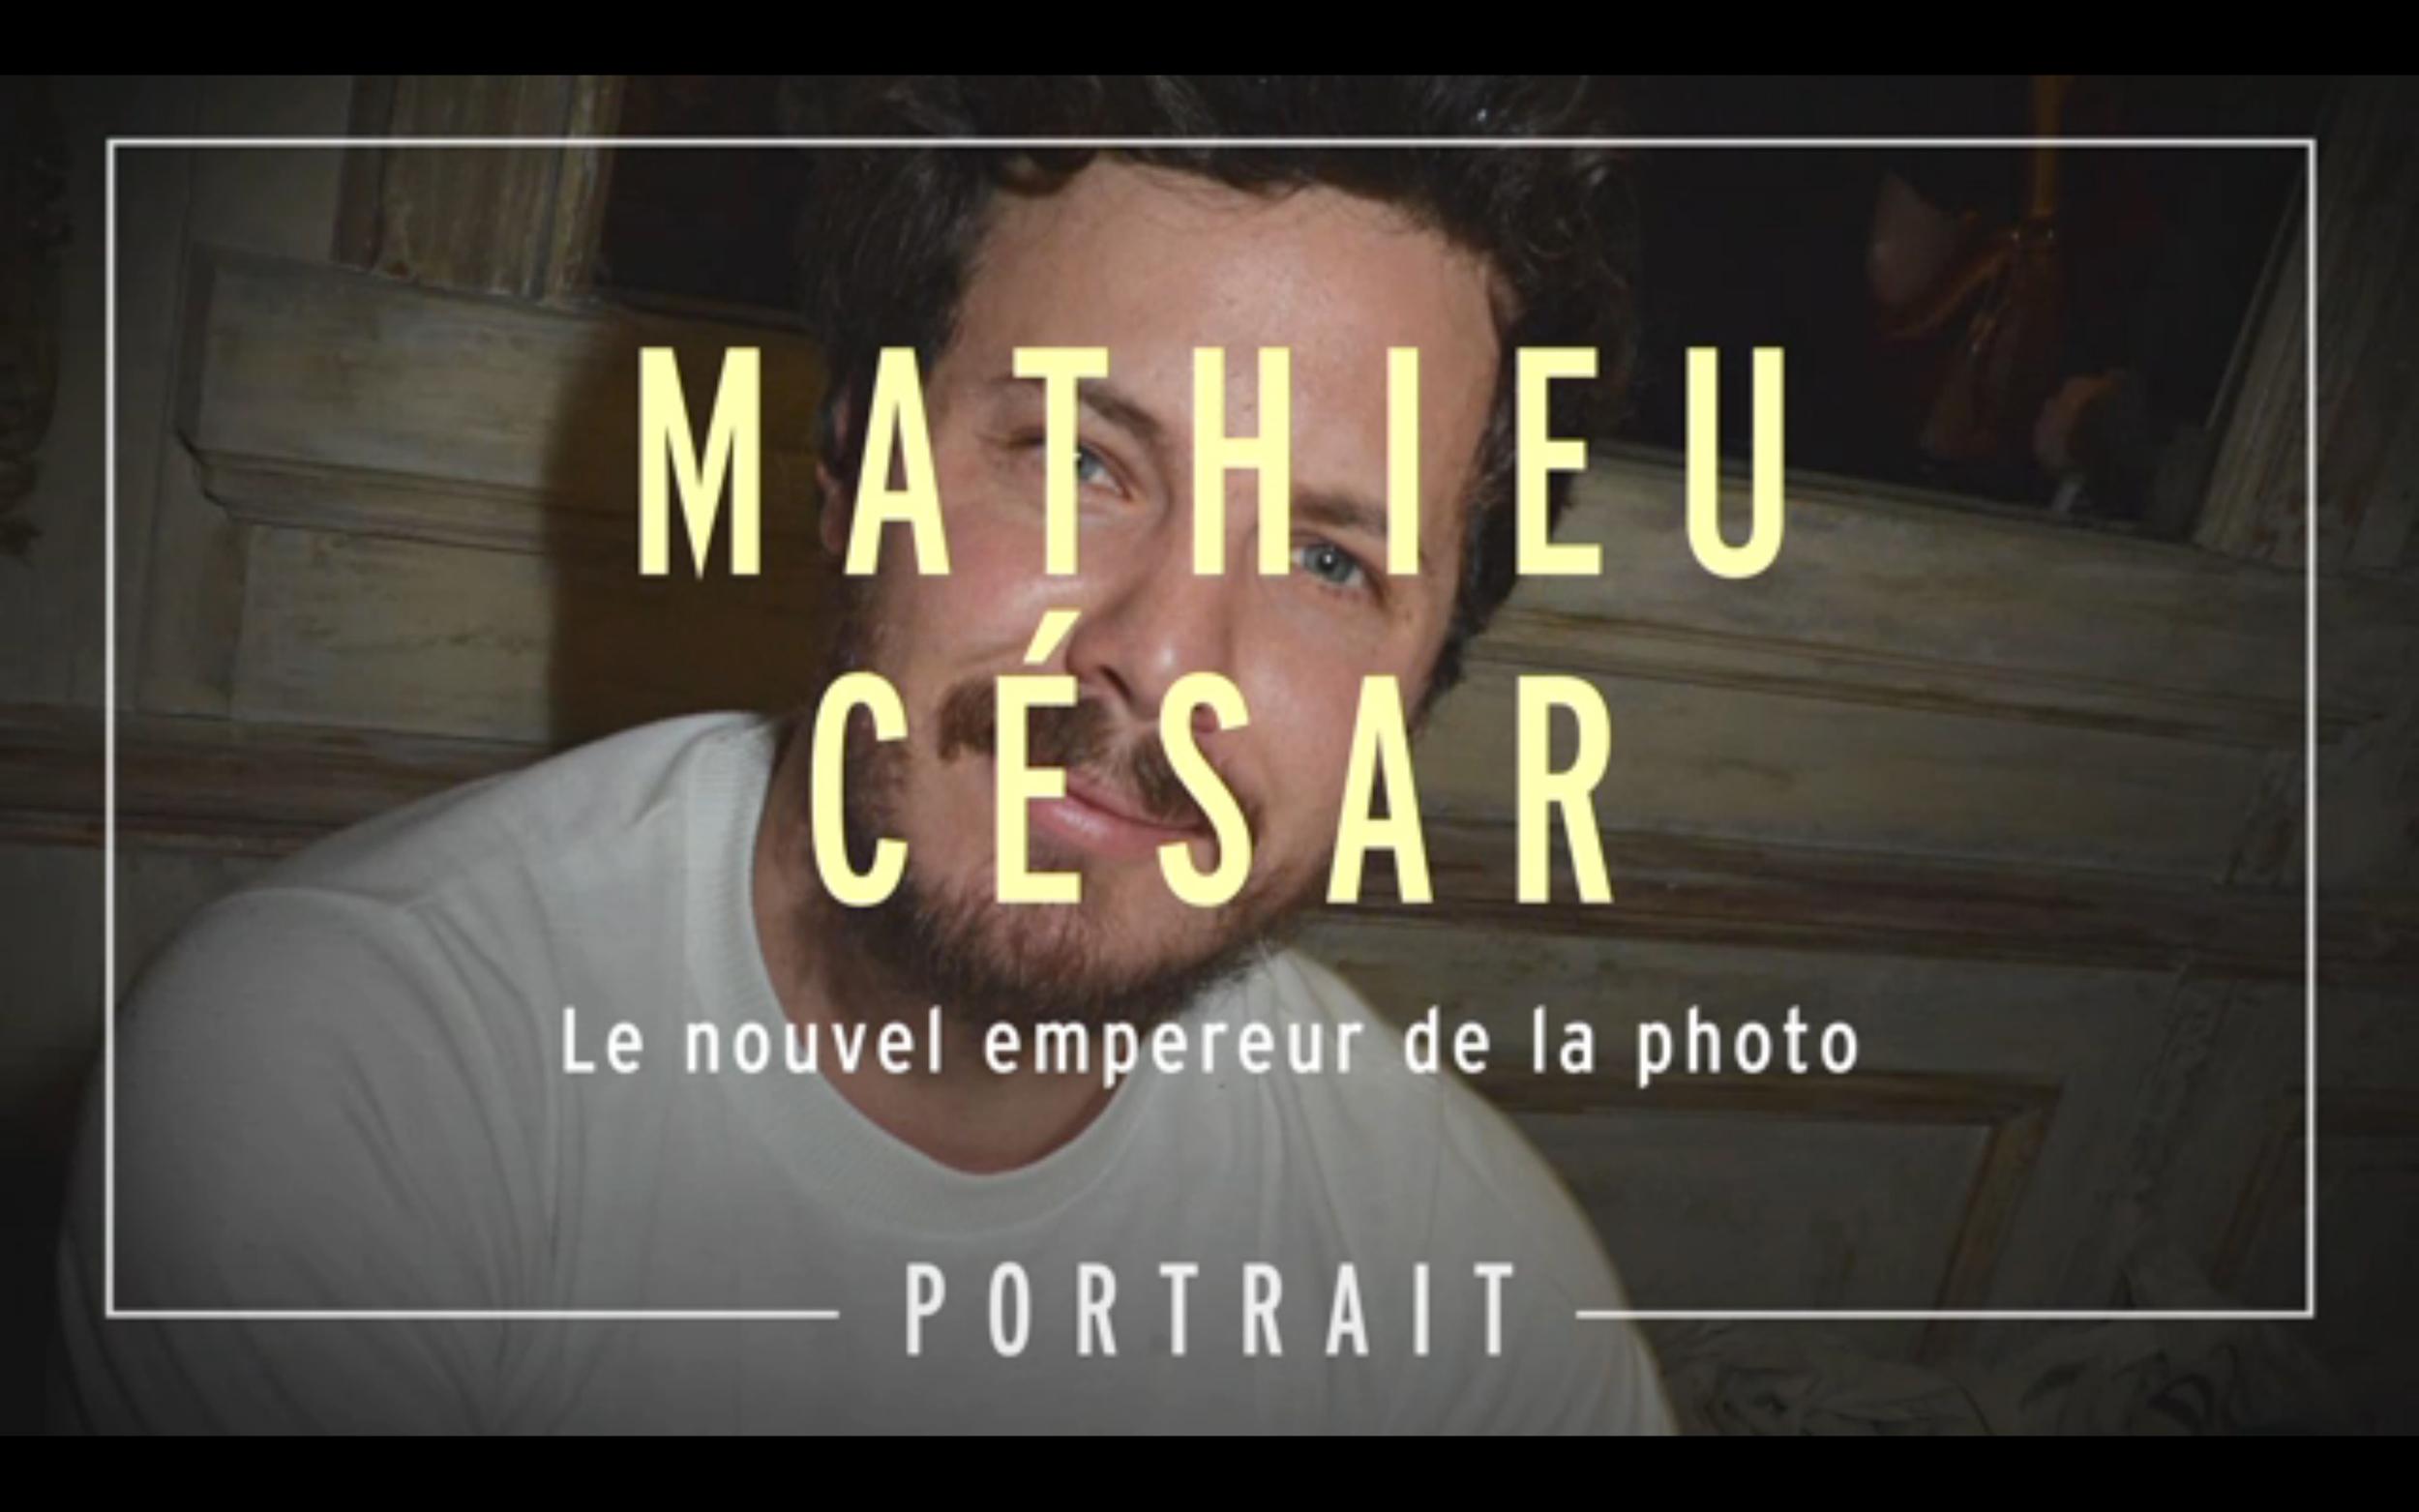 alicebalas_mathieu-cesar-romaingrosjean.jpg